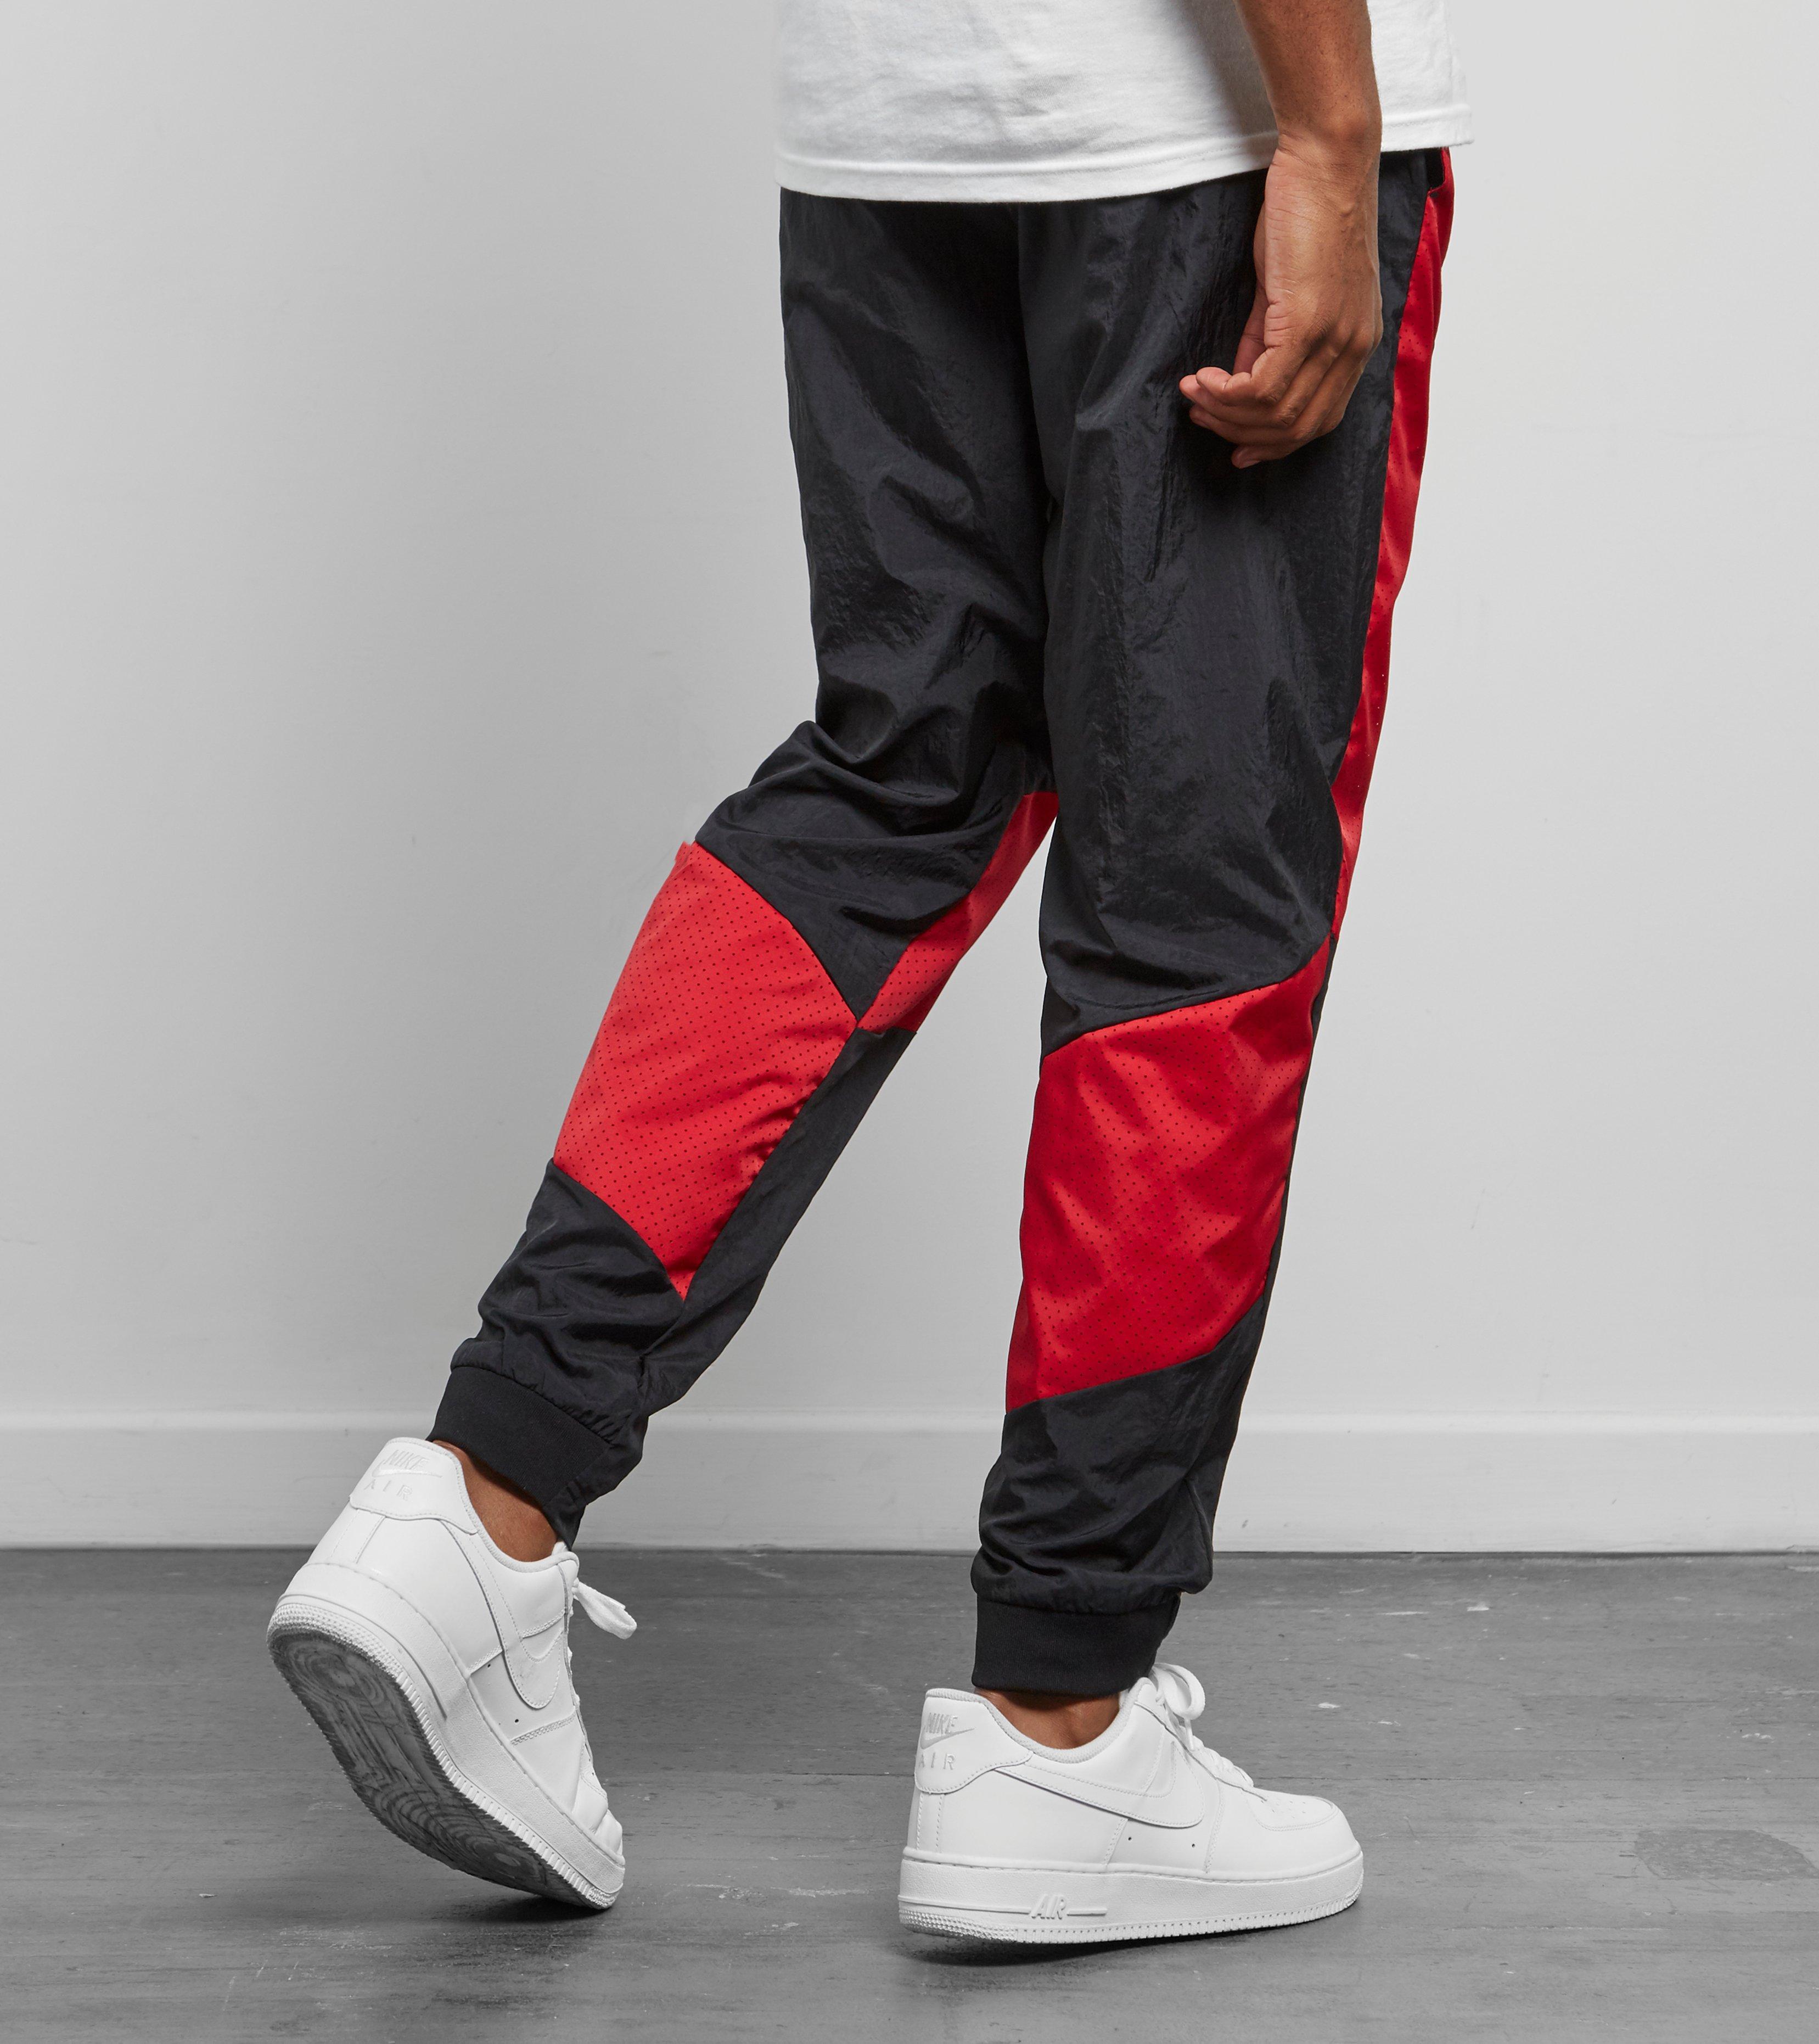 1313ce2da5c8 ... Tech Pants  Lyst - Jordan Jsw Wings Muscle Pants for Men  NIKE ...